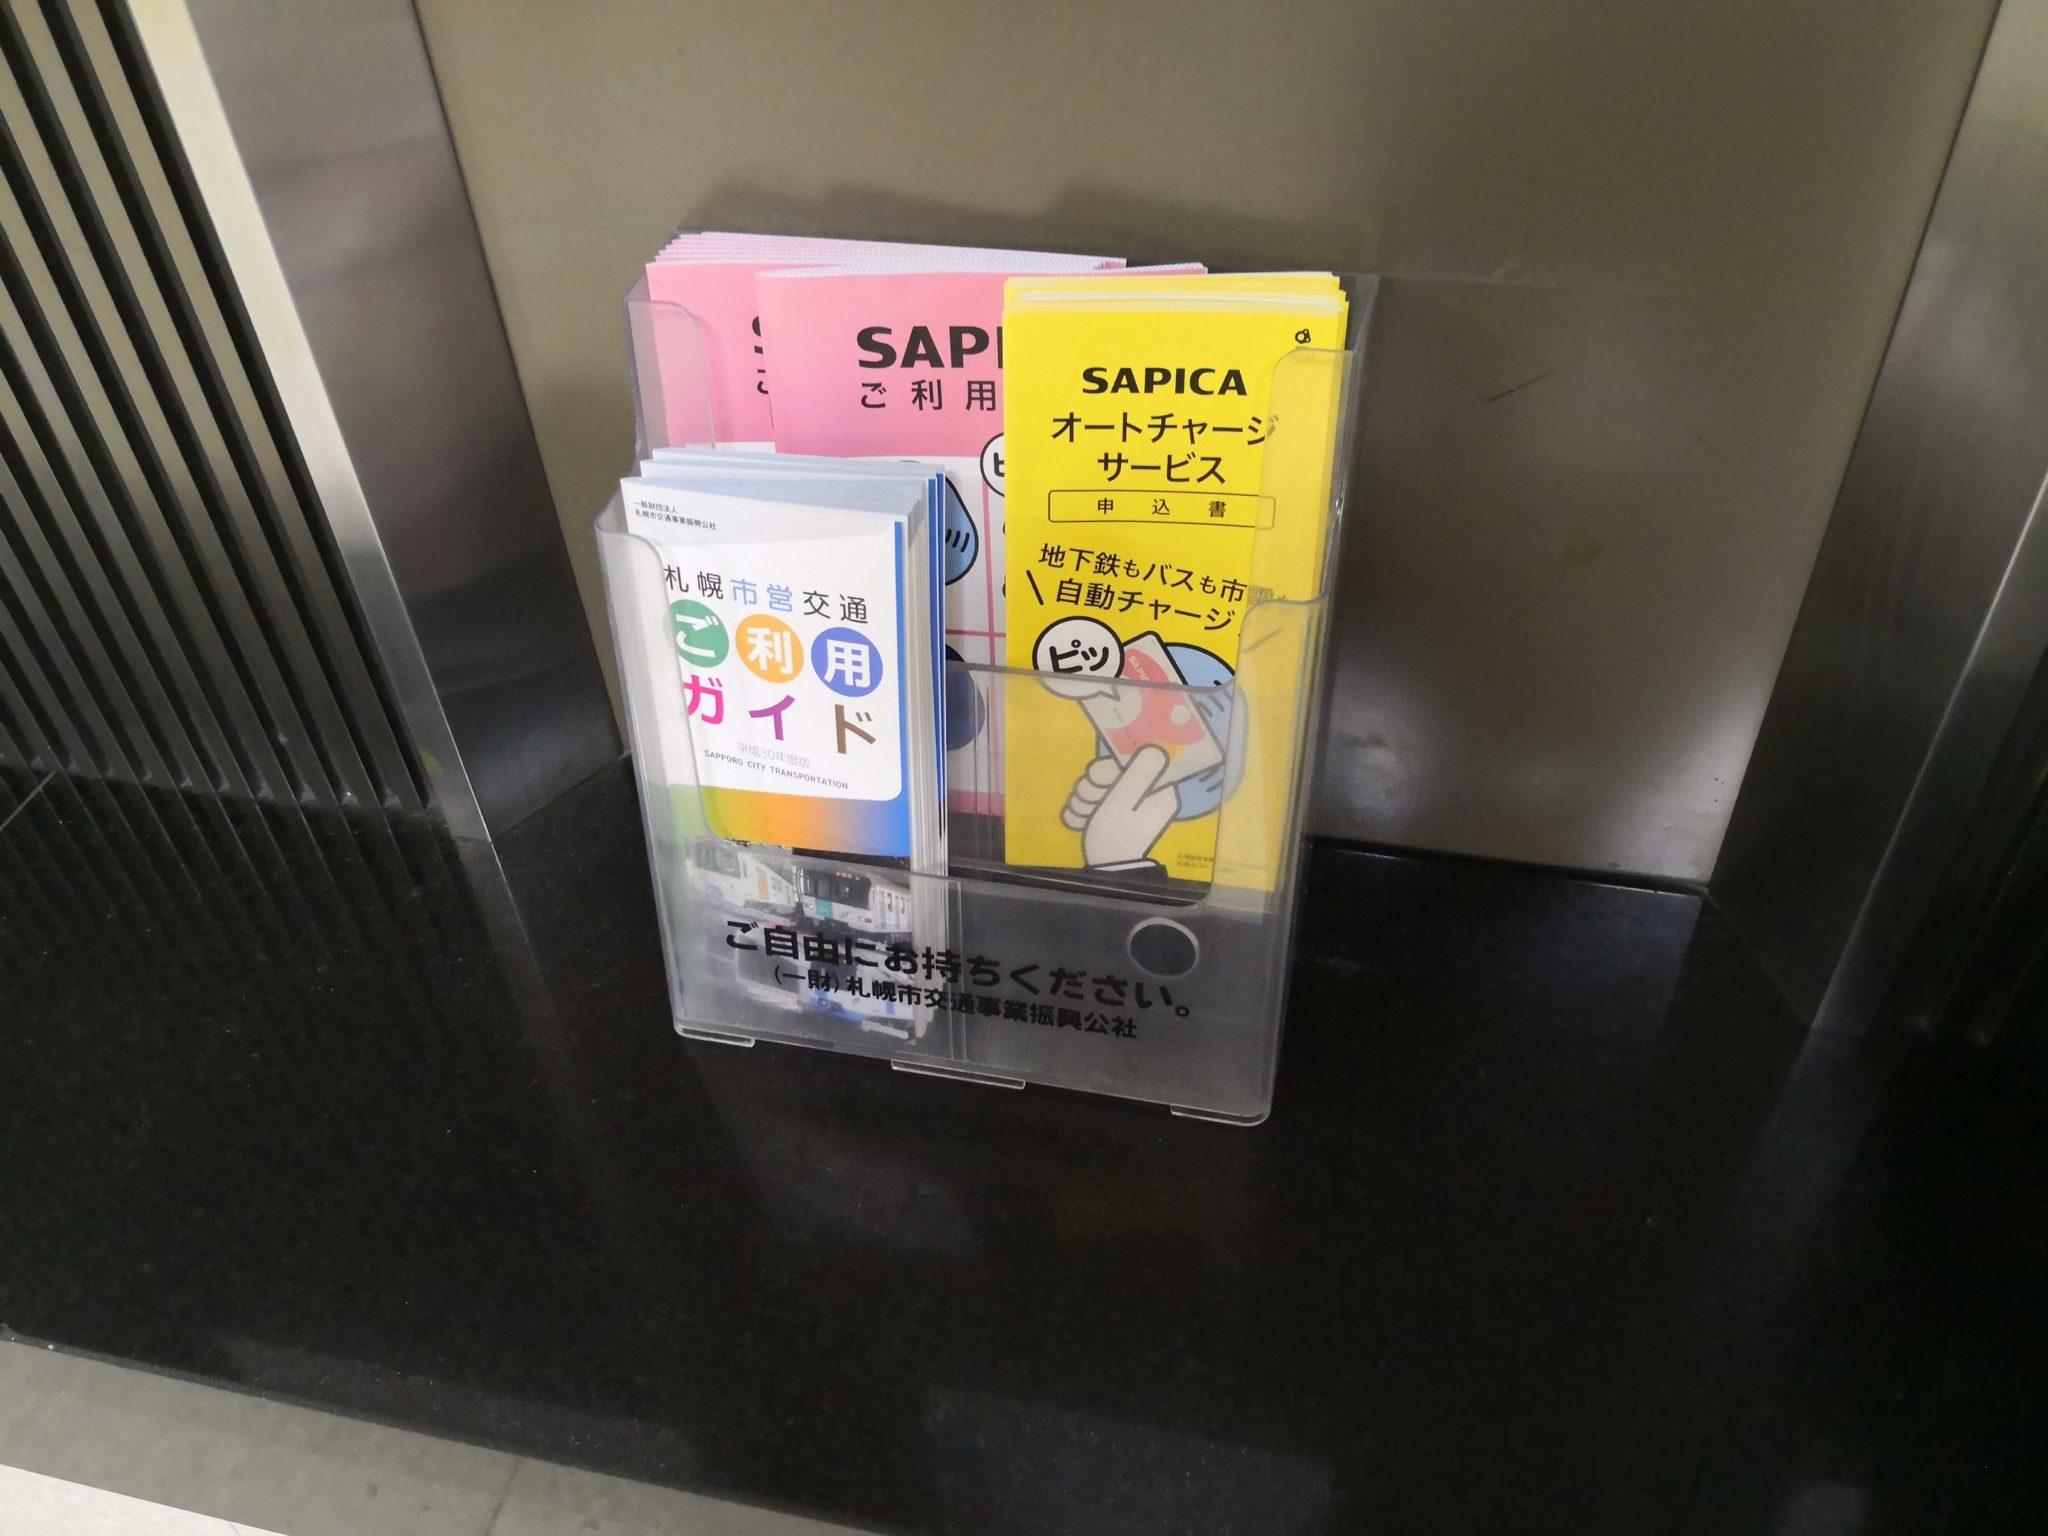 札幌地下鉄 書類置き場